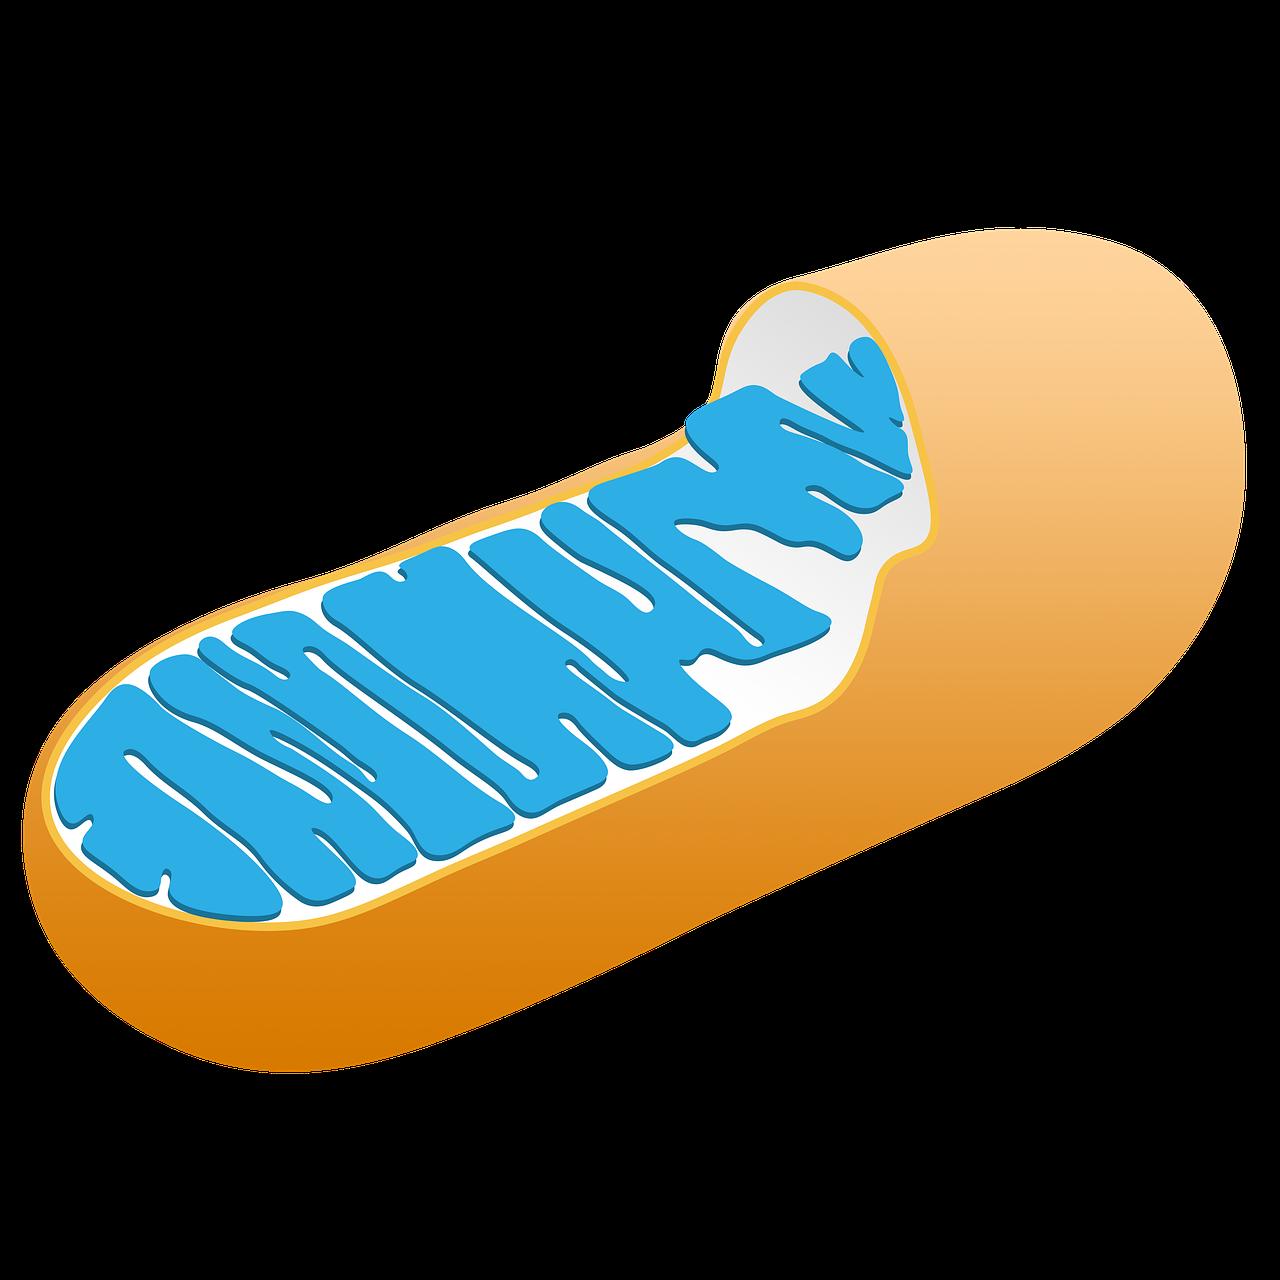 El tratamiento experimental obtiene una designación de terapia innovadora para la deficiencia de TK2, una forma de enfermedad mitocondrial